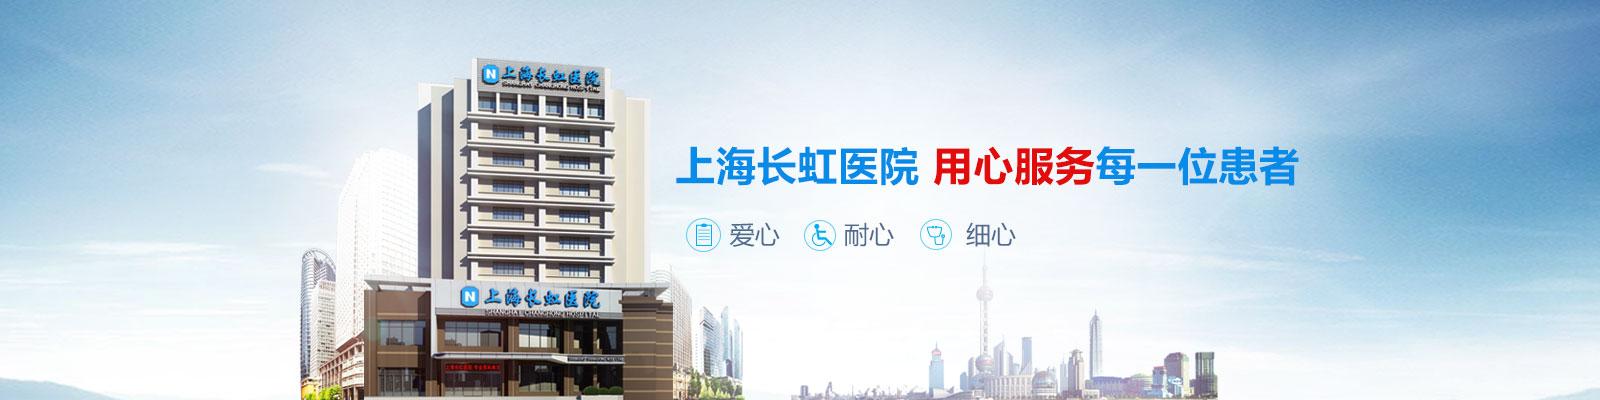 上海长虹医院